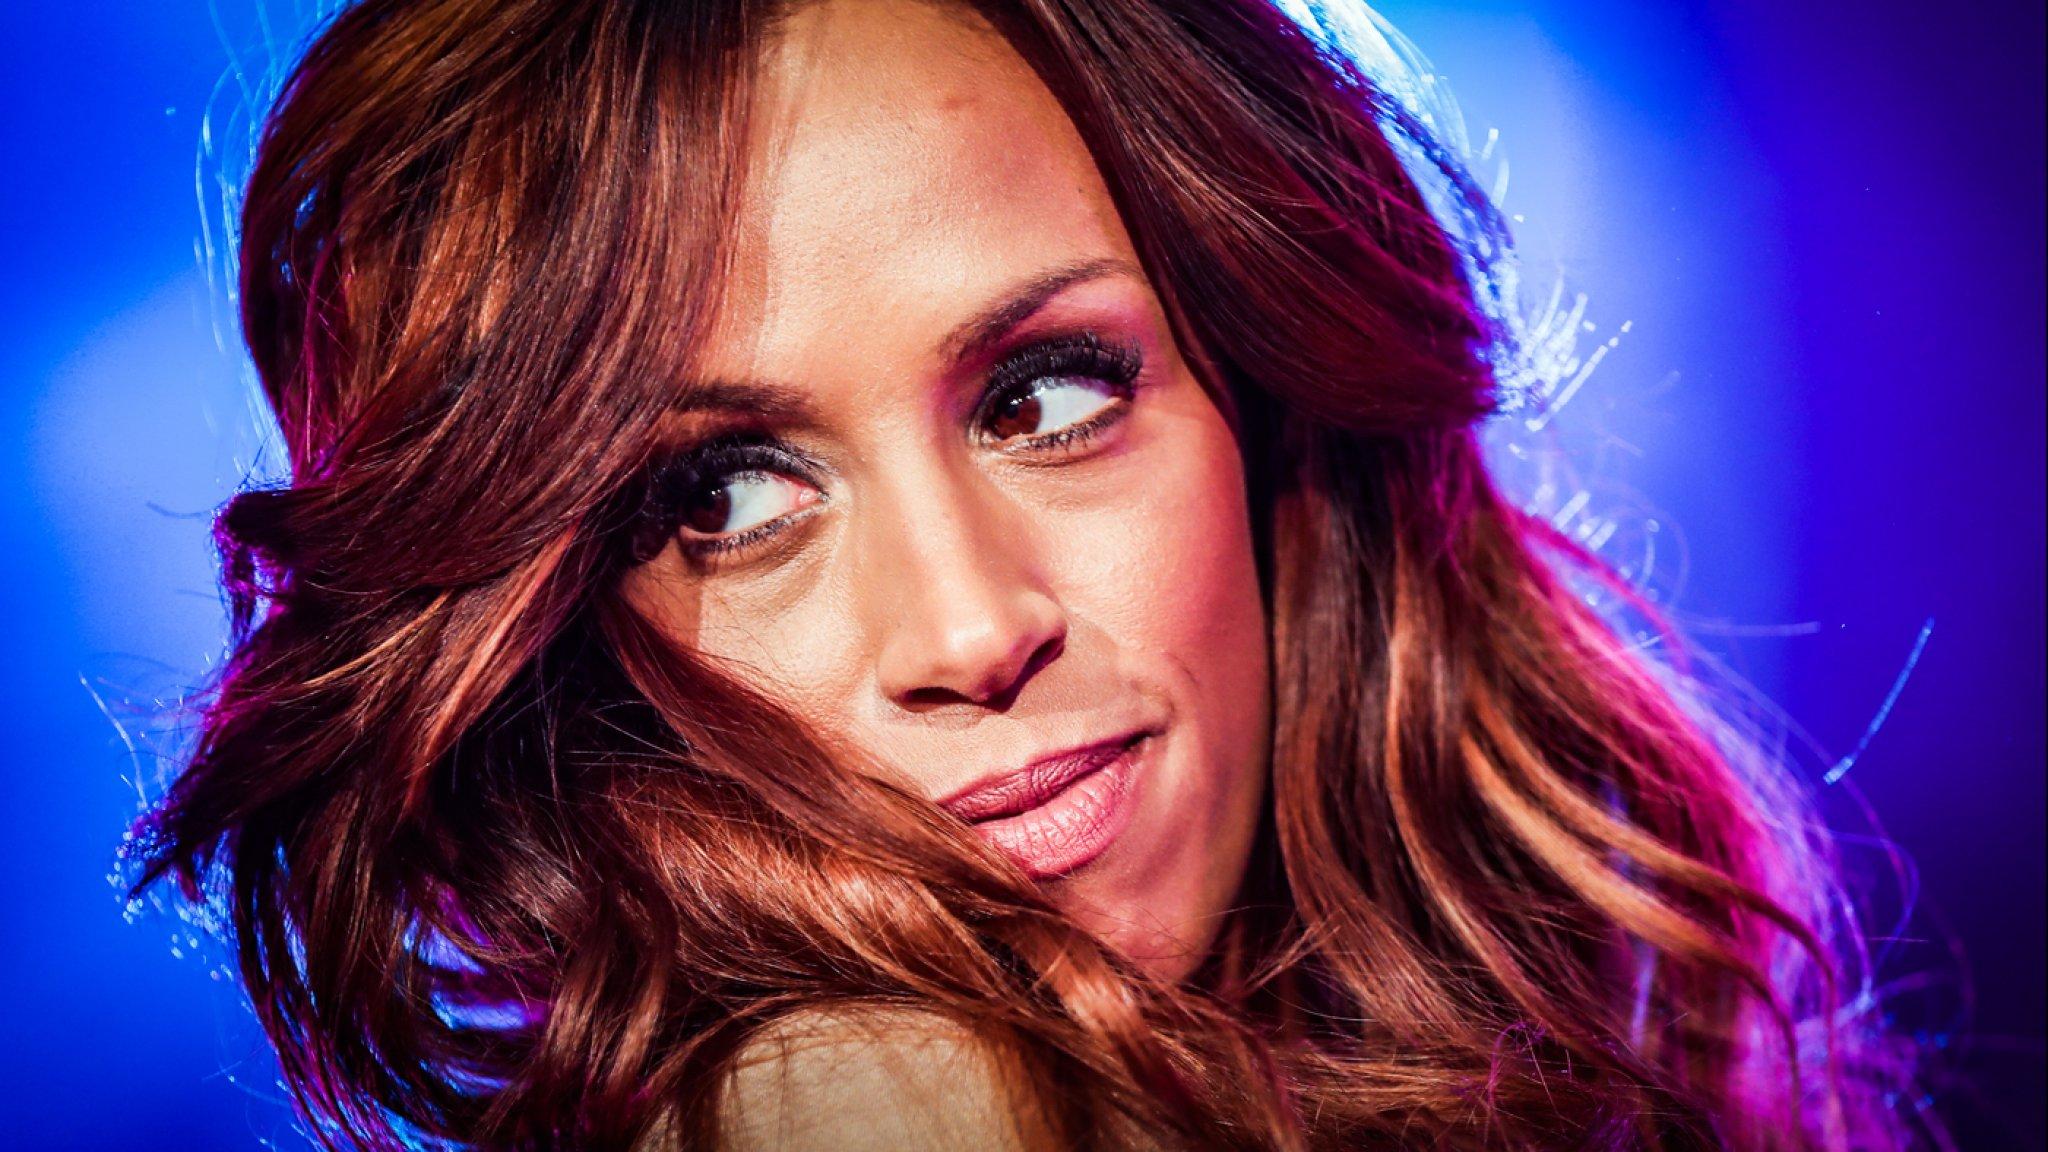 Yolanthe doet sexy fotoshoot op Ibiza - Flaironline - Voor